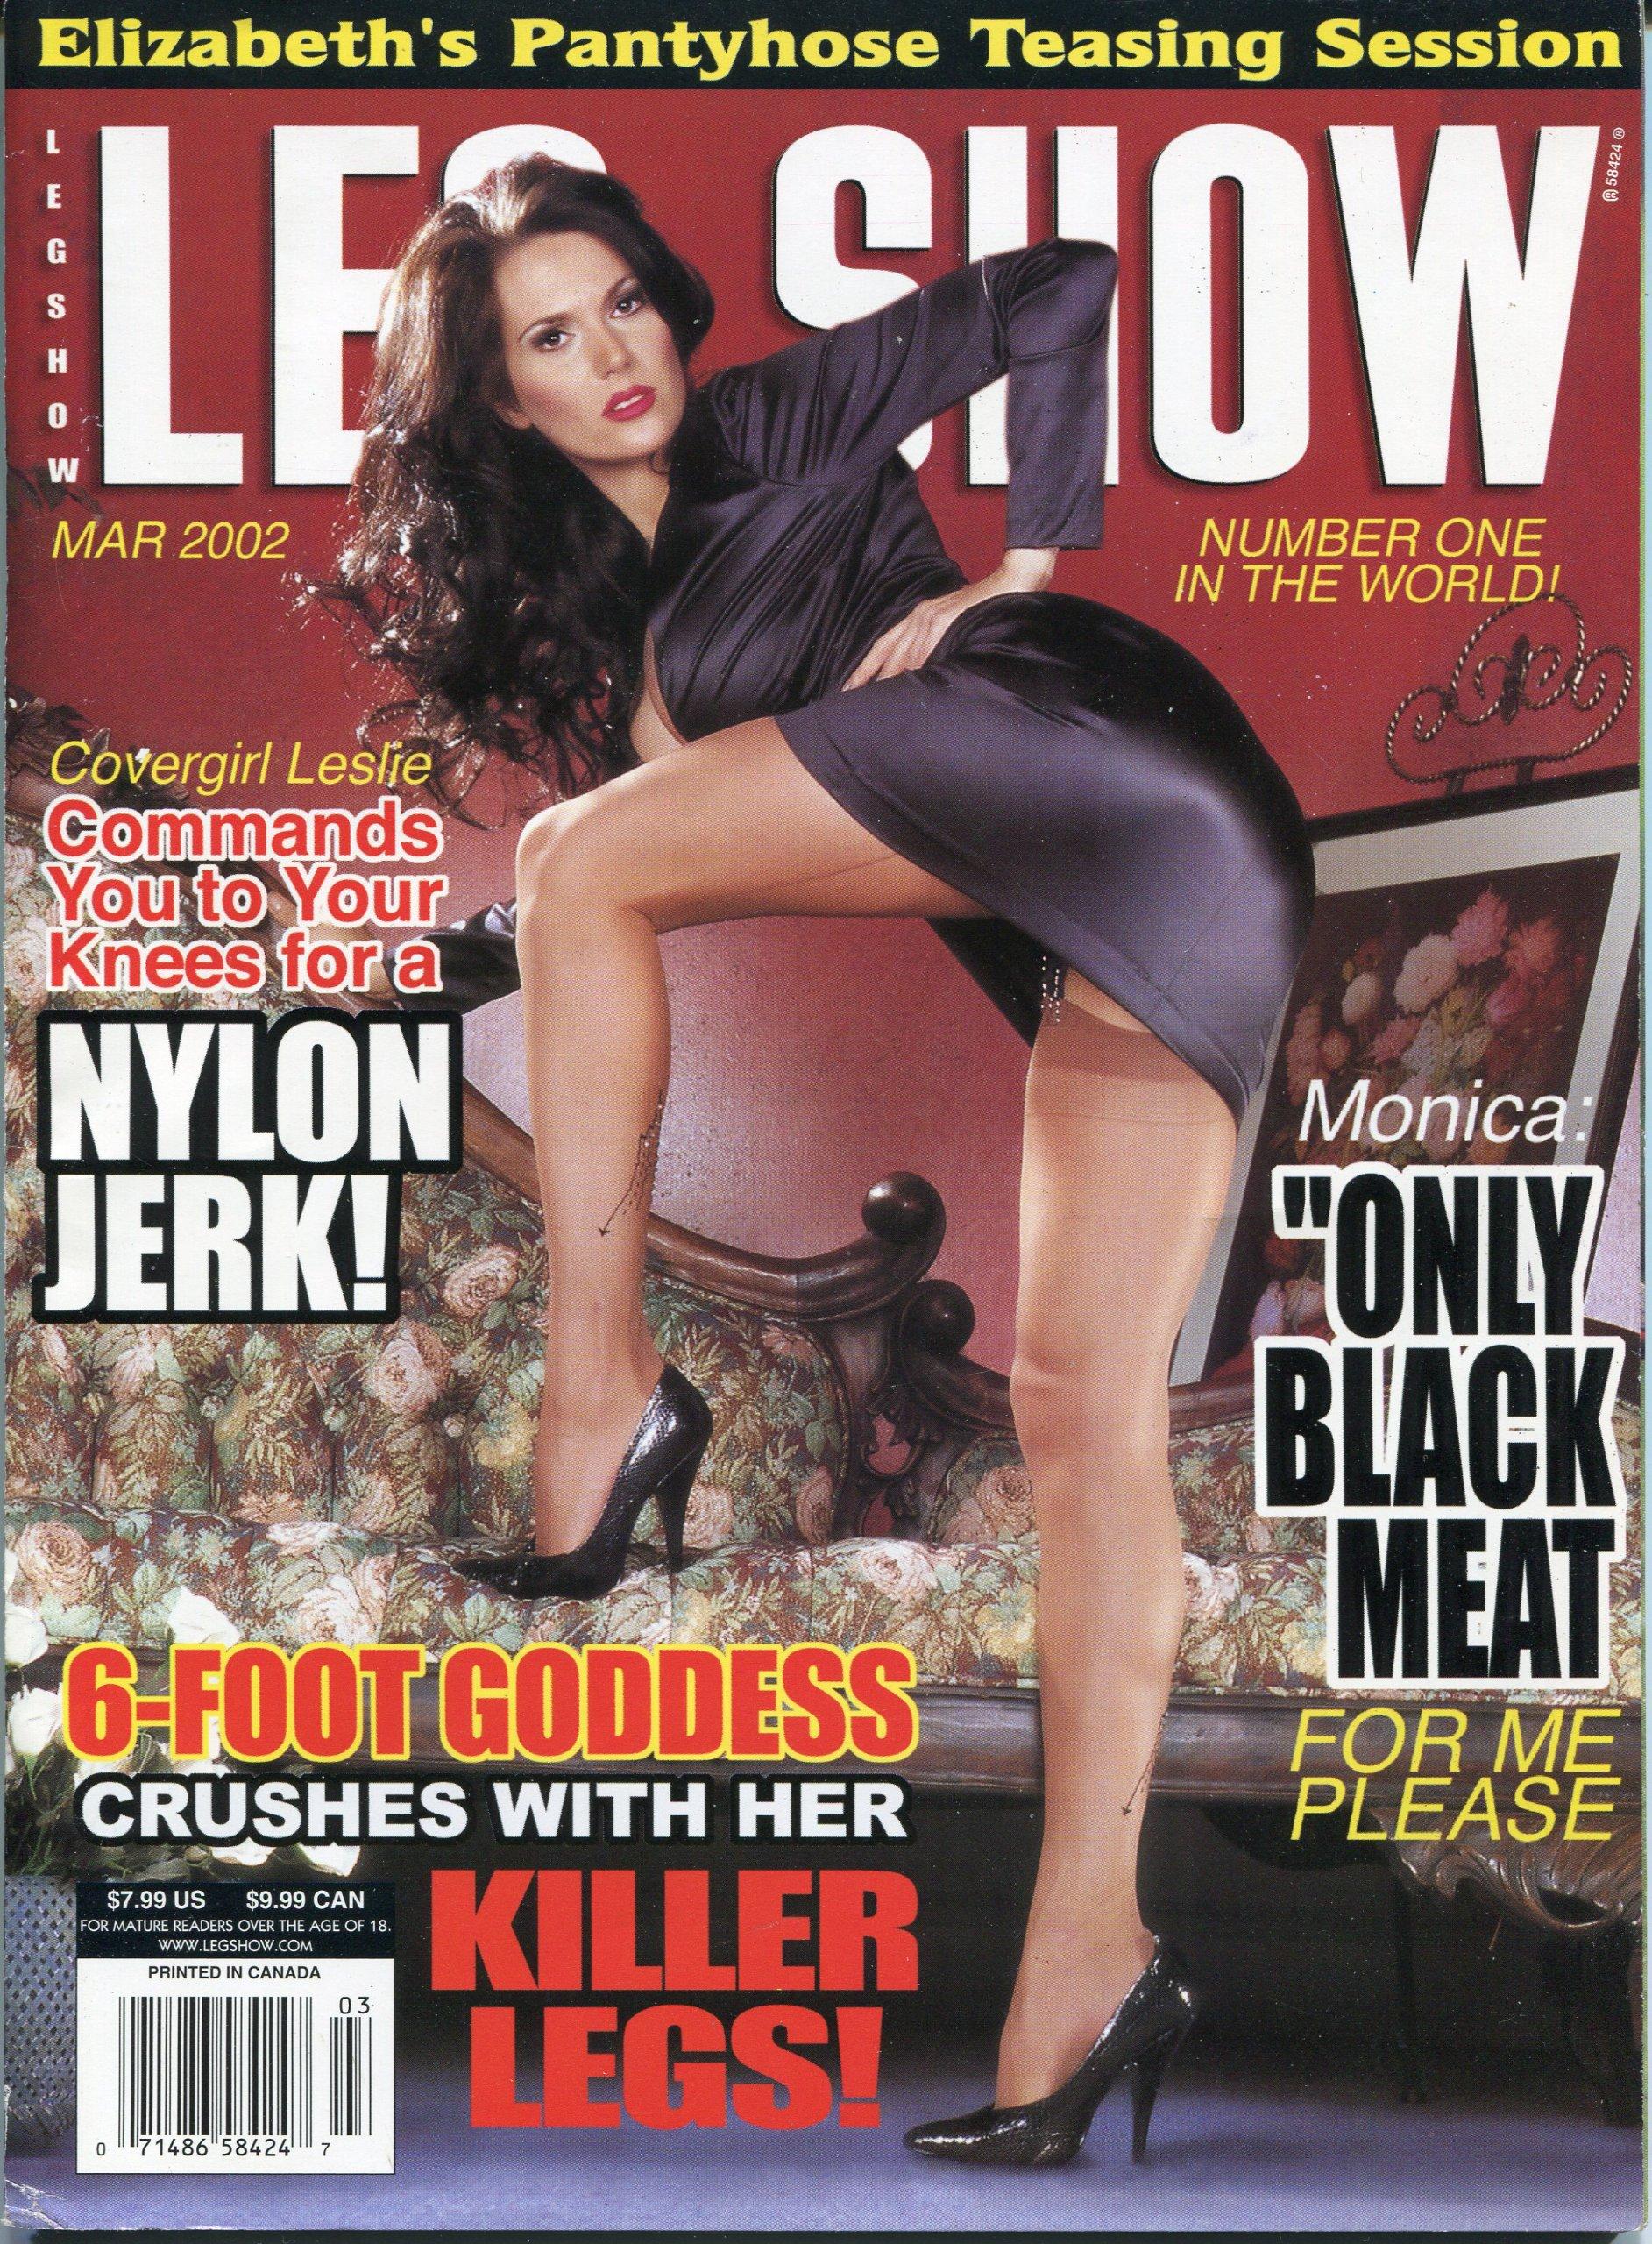 Legshow LegshowOnline Channel